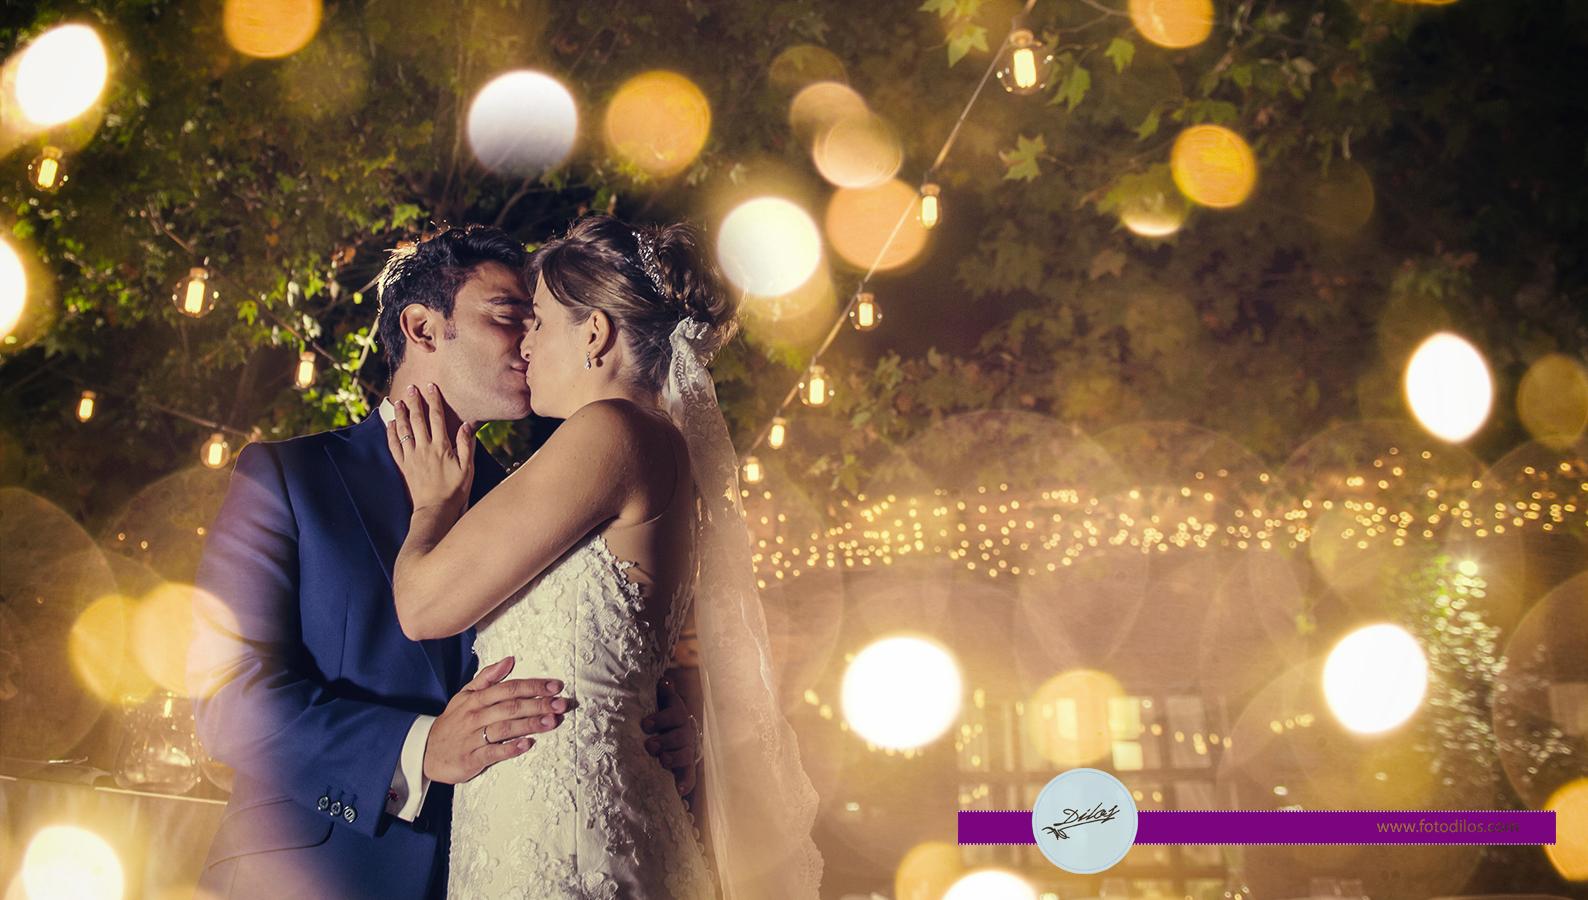 Fot grafos de boda en toledofotodilos fot grafo de bodas - Fotografo toledo ...